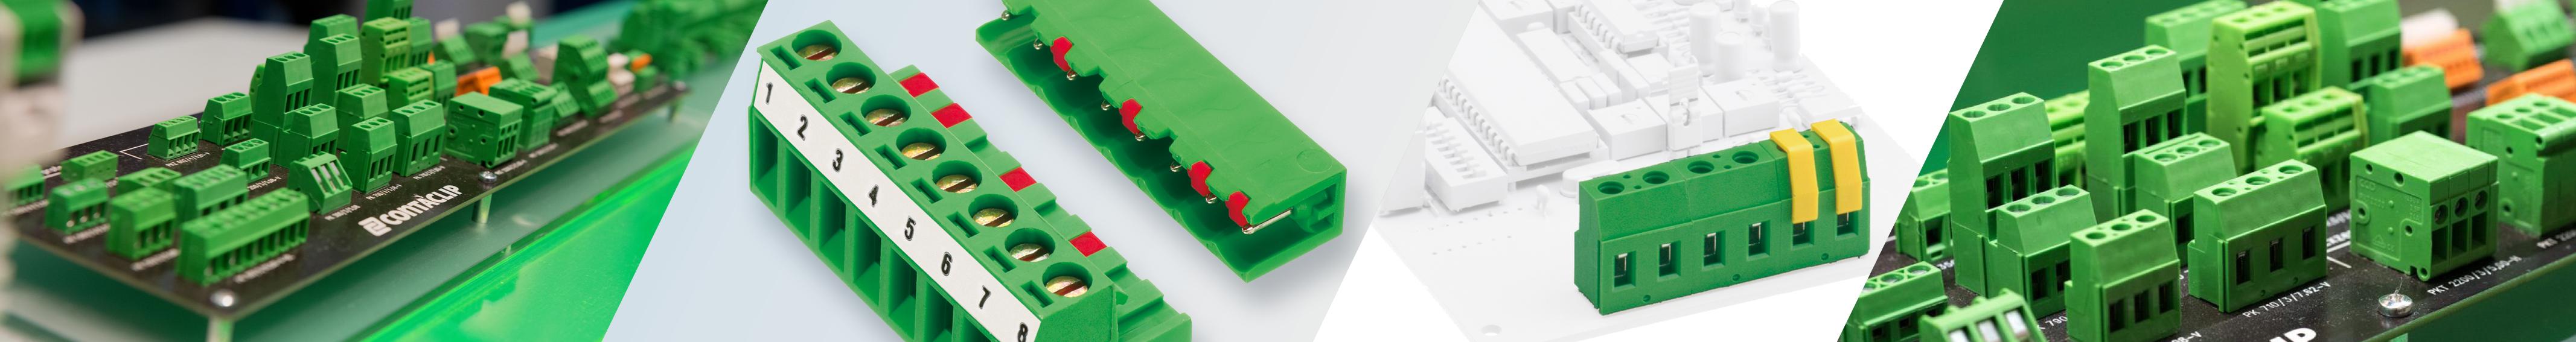 P C  Board Connectors